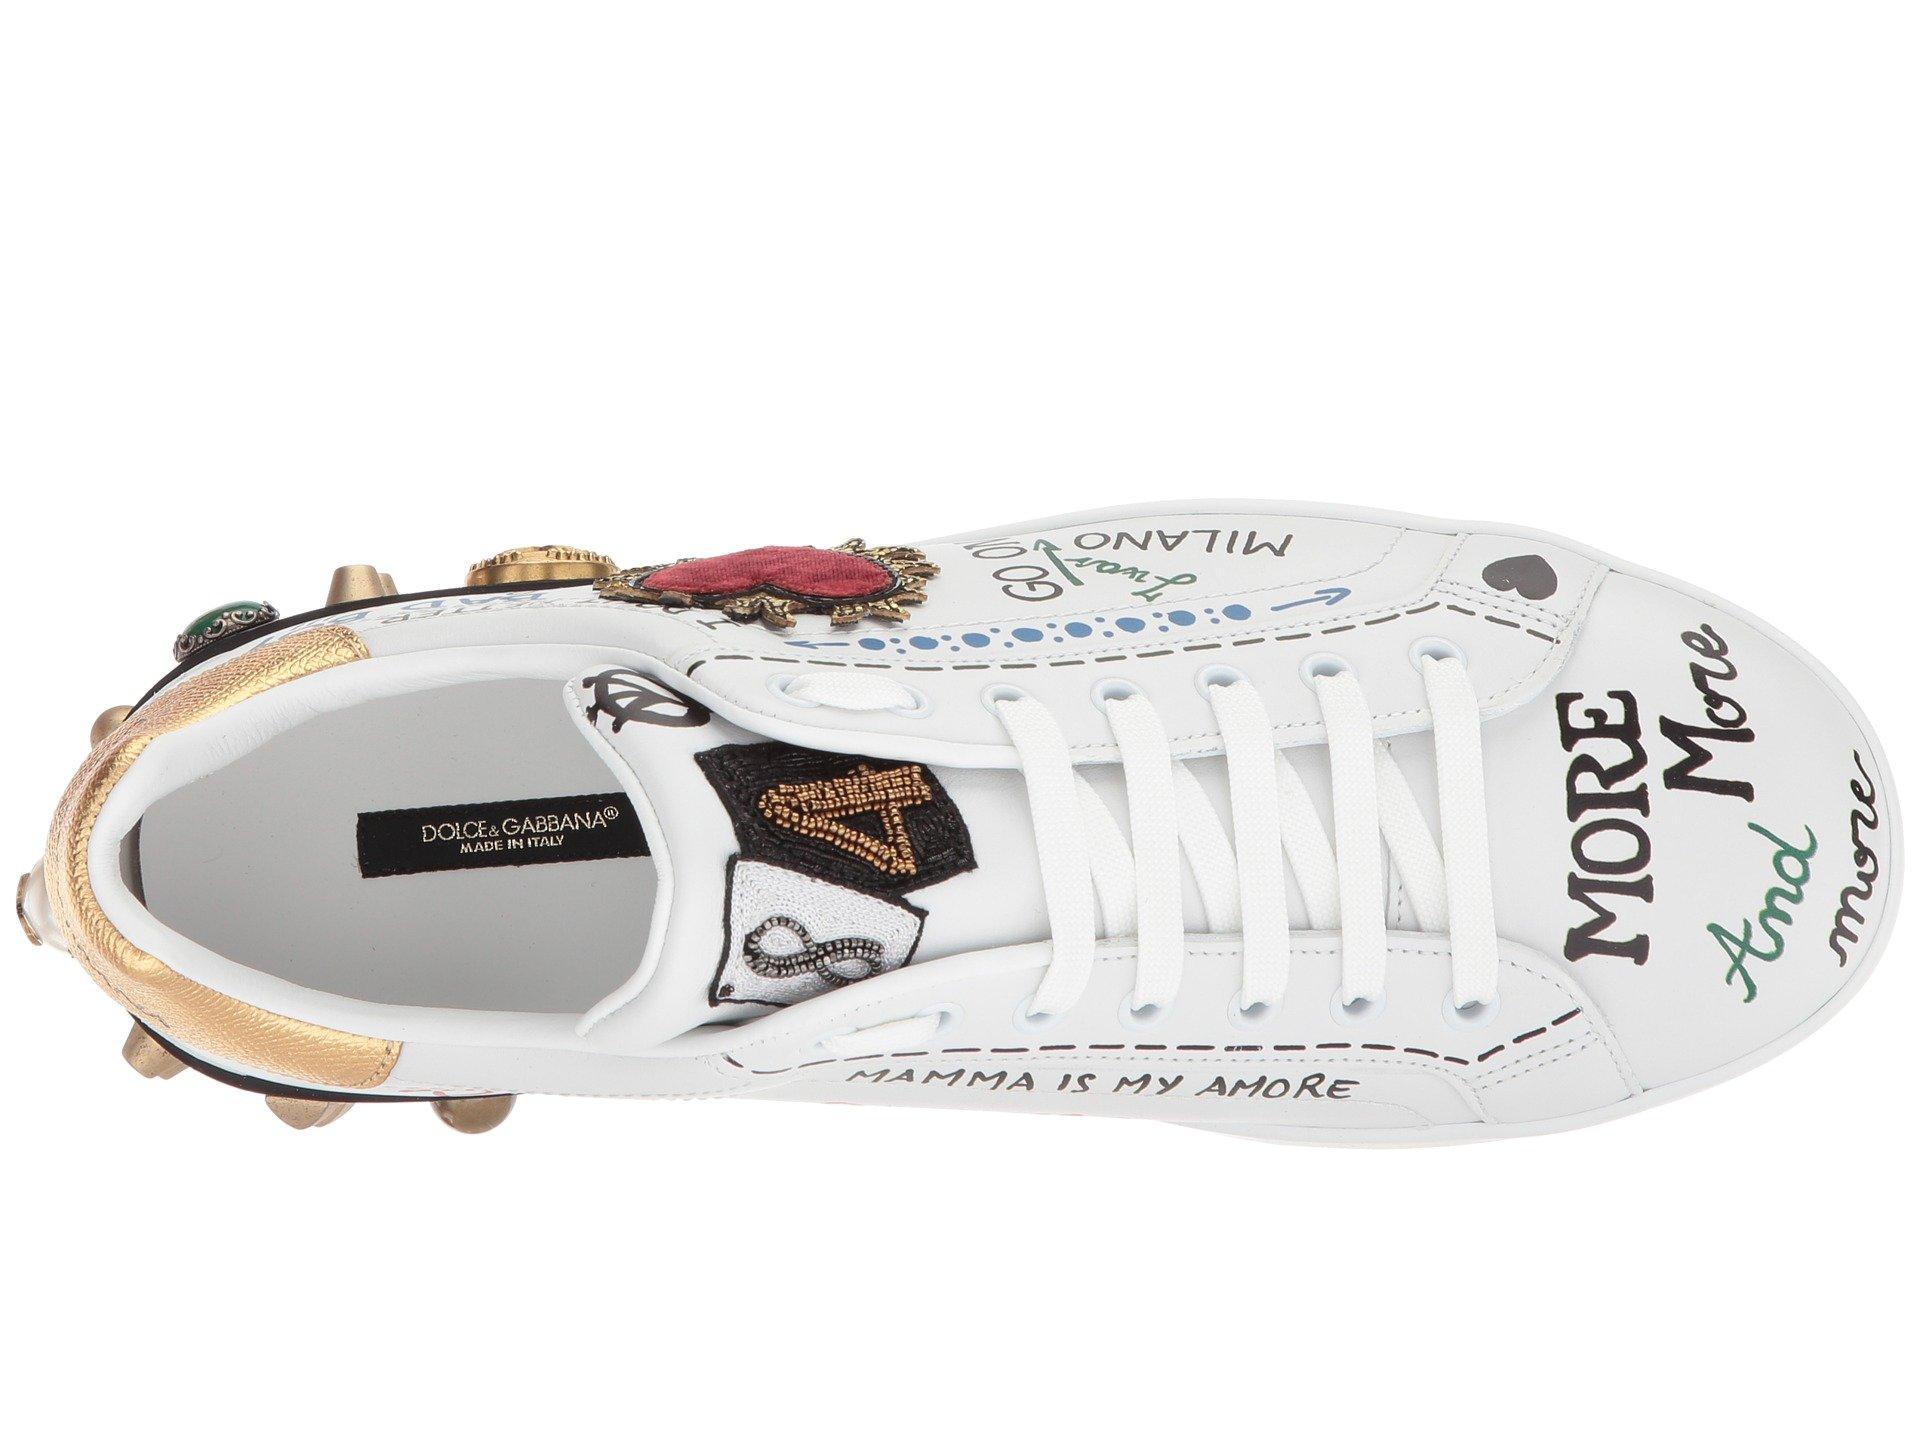 Acheter Prix Pas Cher Bas Acheter Pas Cher Vraiment Dolce & Gabbanagothic Sneaker Coeur Par Carte De Crédit En Ligne Site Officiel Vente MxVIBTY9cf